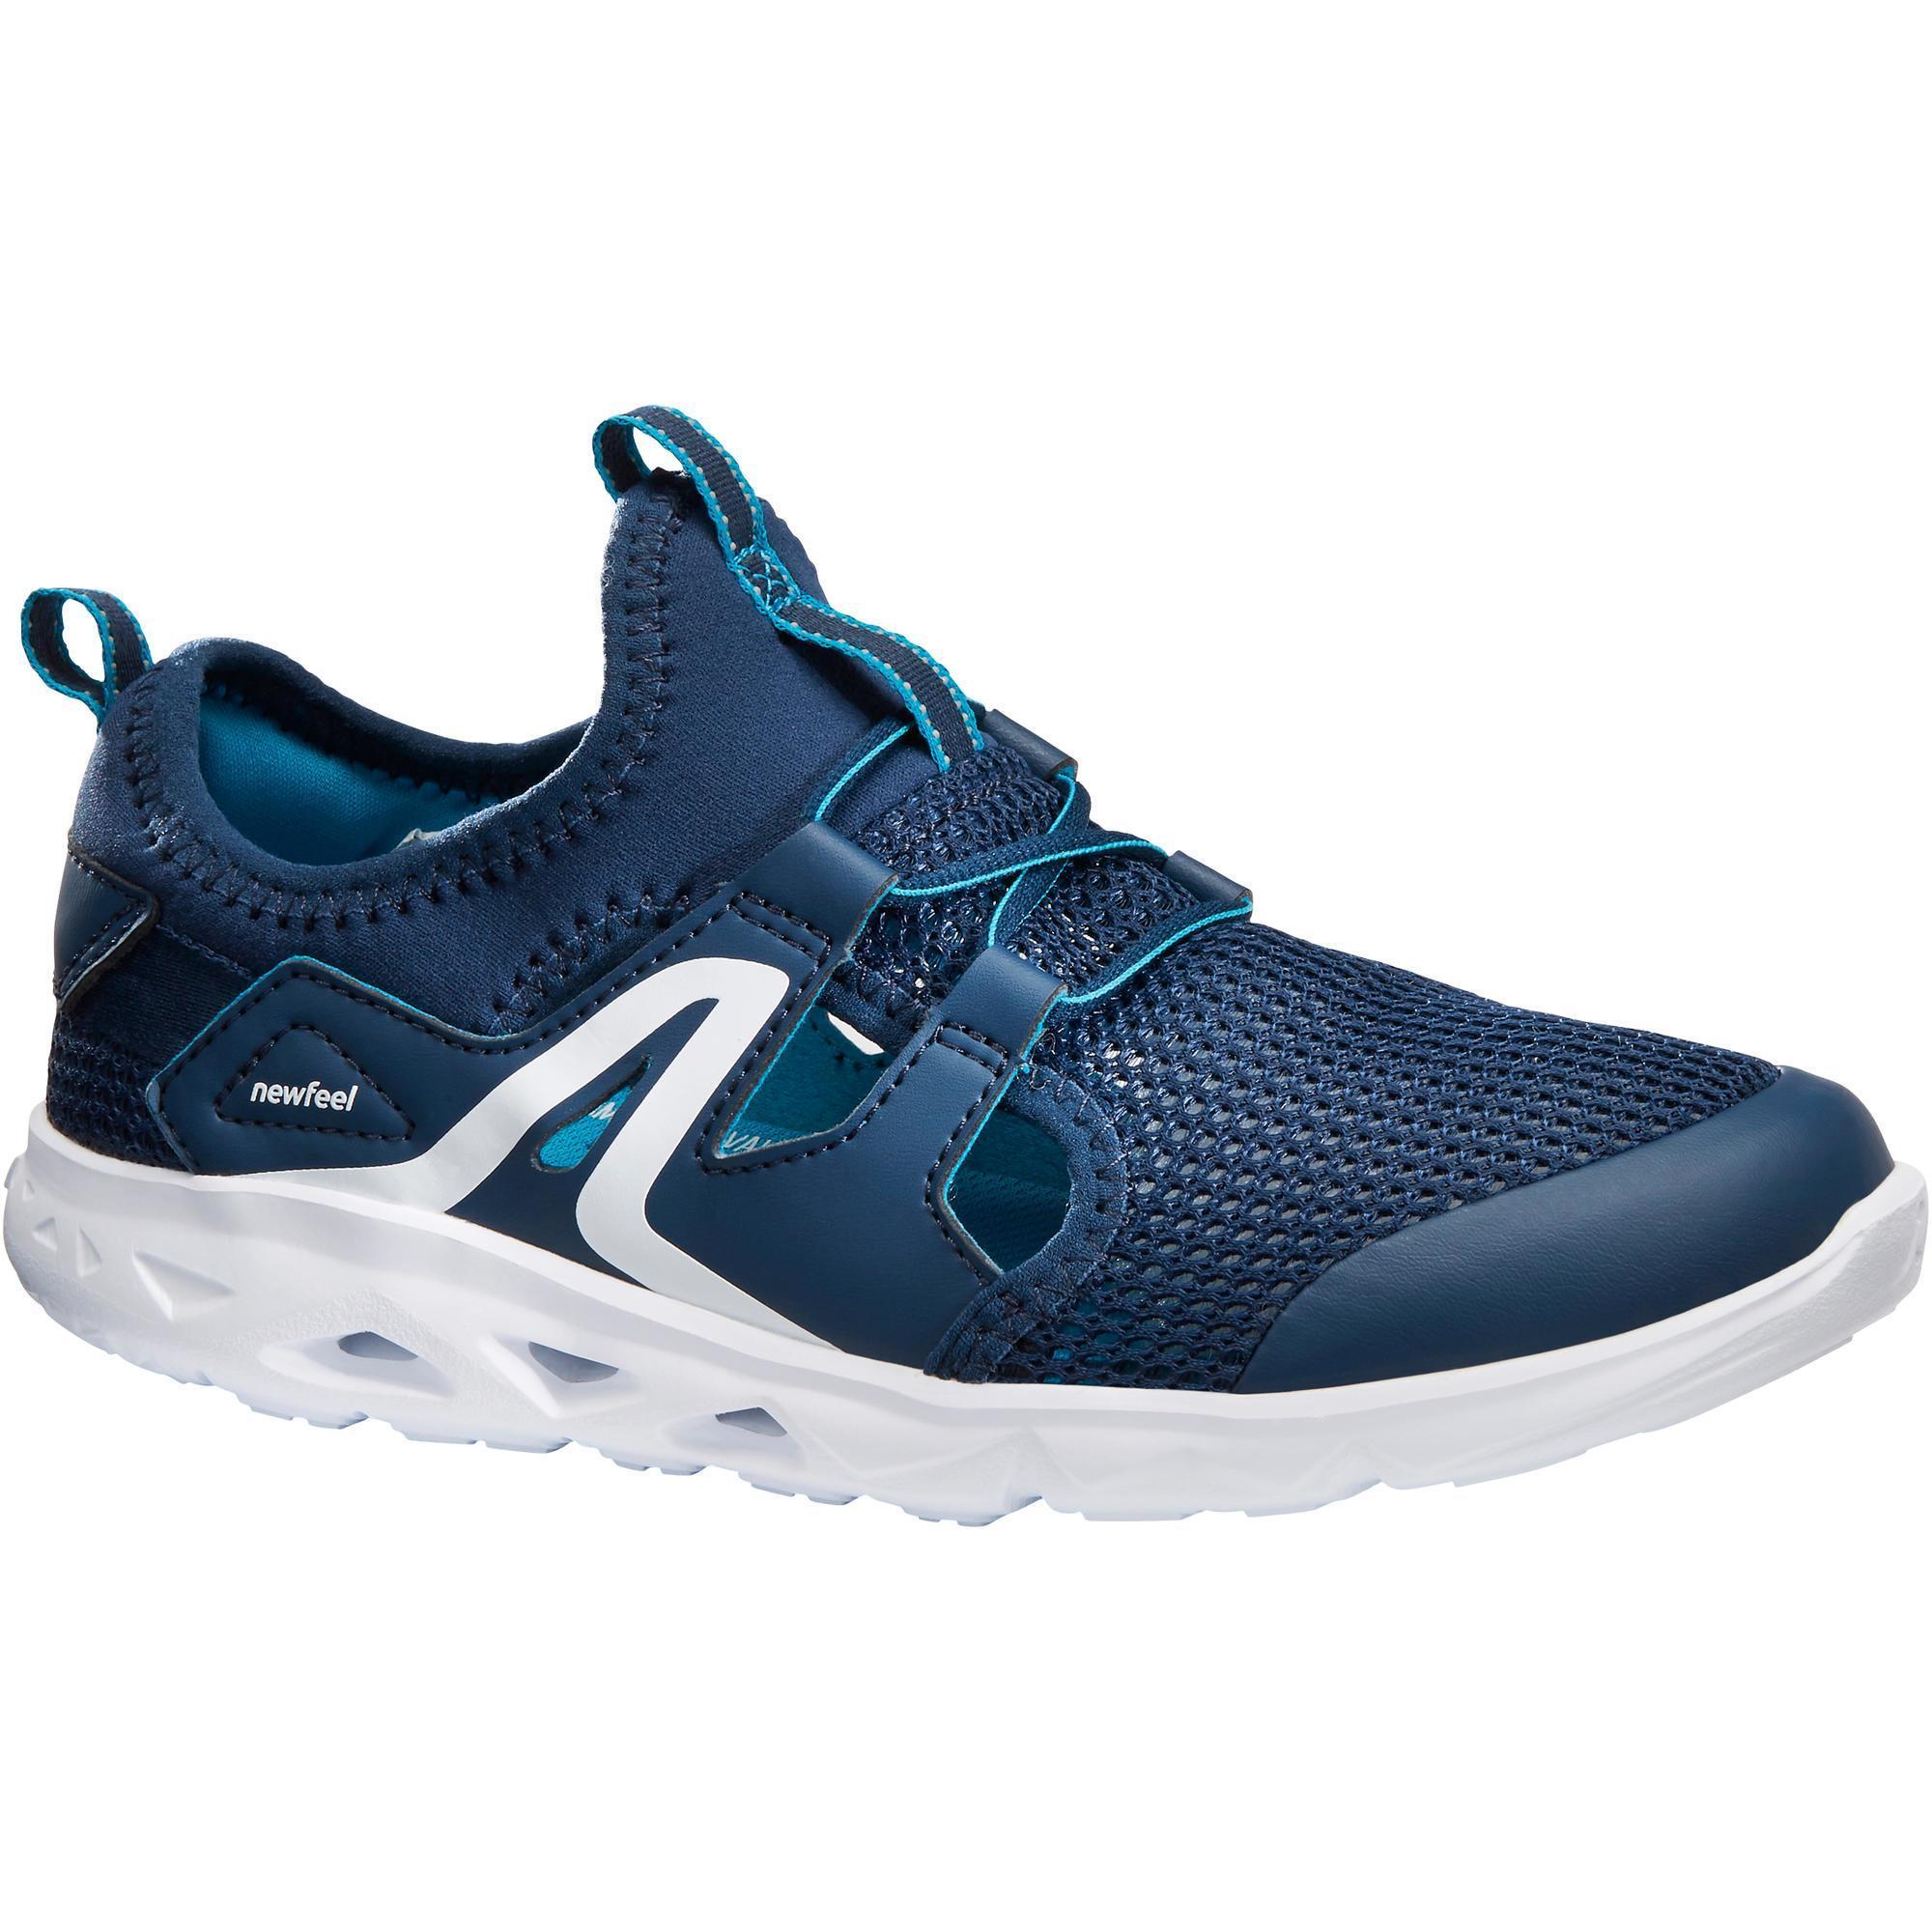 Newfeel Kindersneakers voor sportief wandelen PW 500 Fresh marineblauw